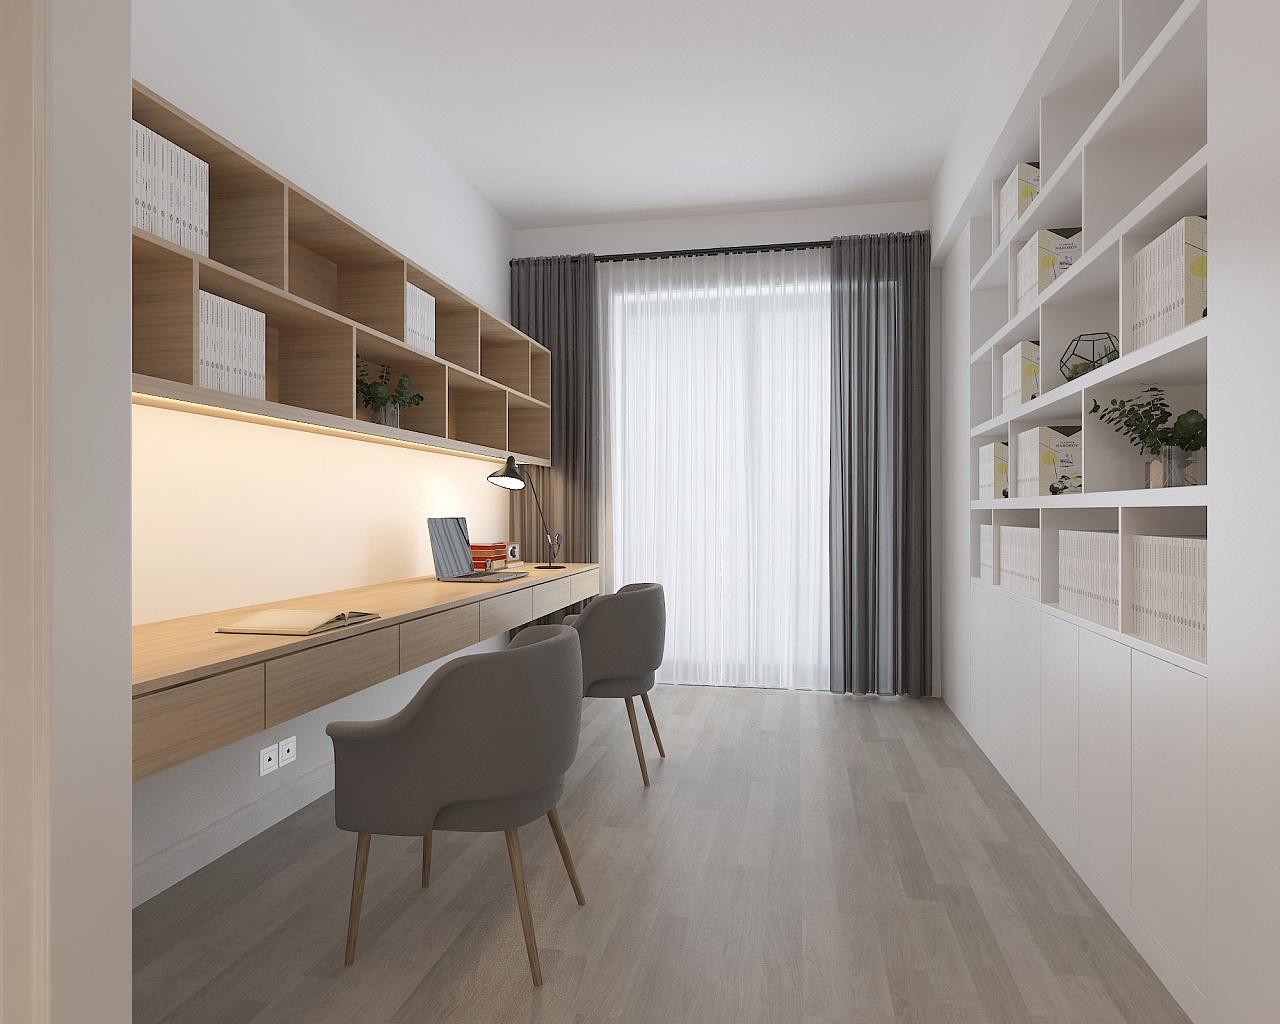 精致生活空间_现代高级灰 / 住宅空间设计|空间|室内设计|六品设计 - 原创作品 ...